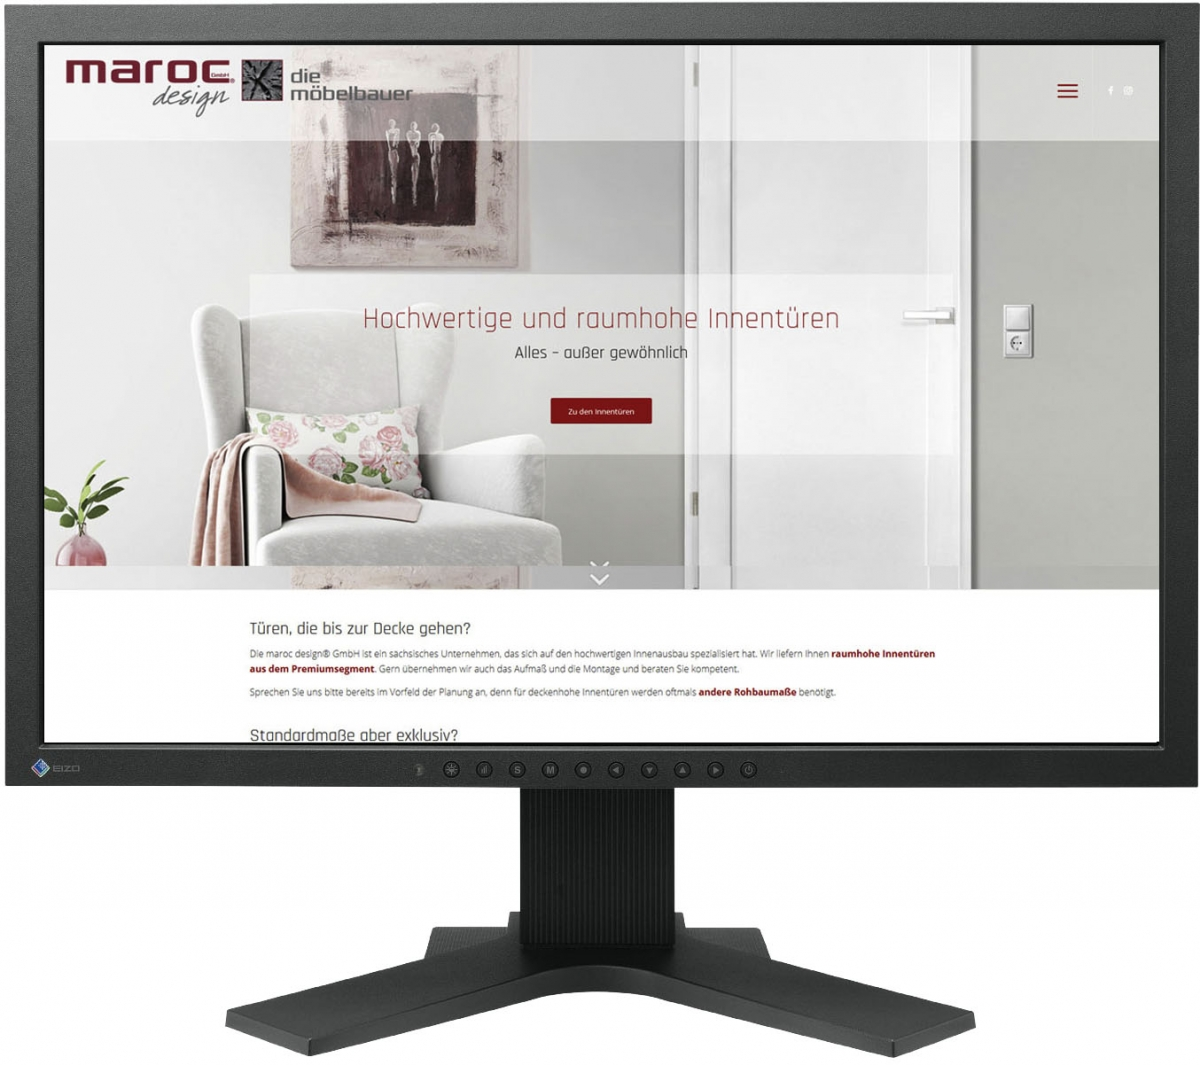 Website für marocdesign GmbH Innentüren